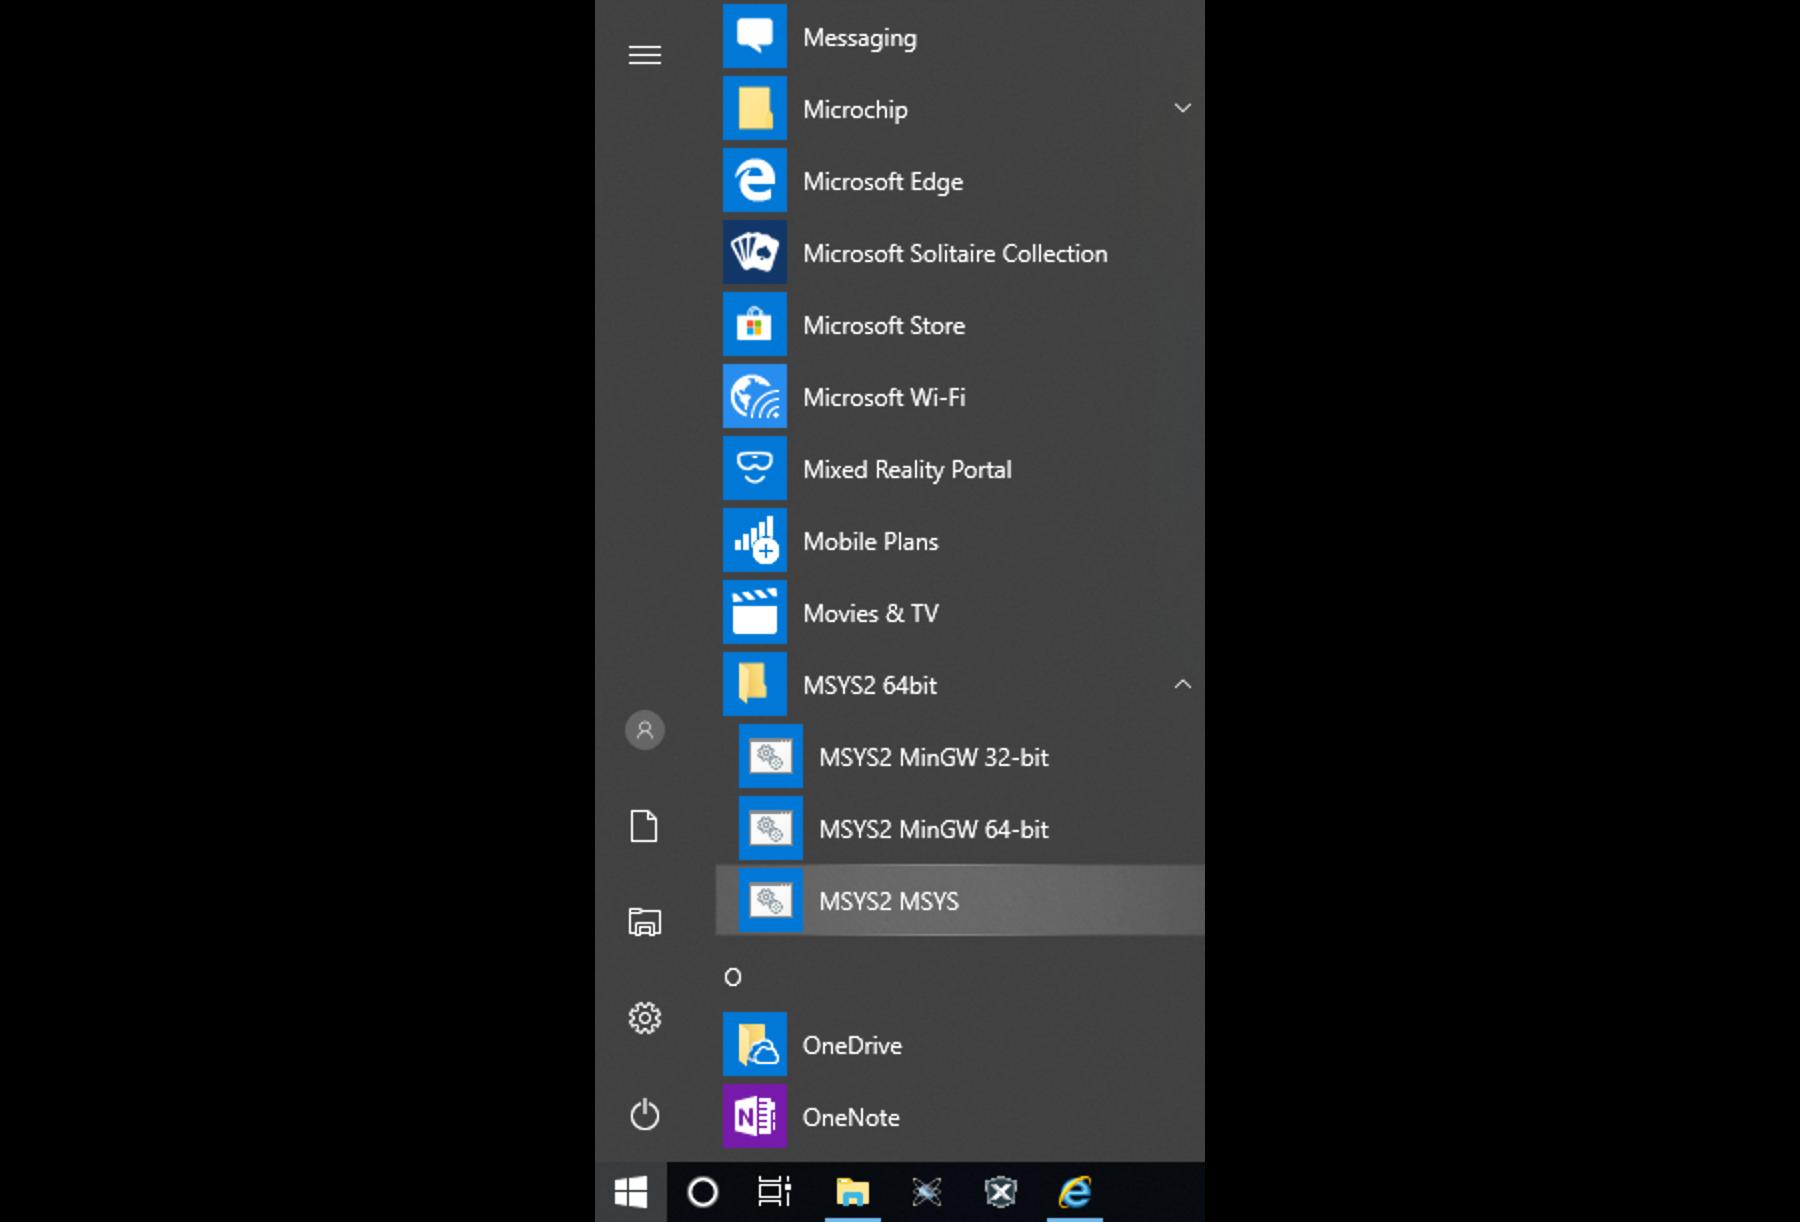 C++, OpenCV and Gtk3 Windows dev environment - GeeksforGeeks